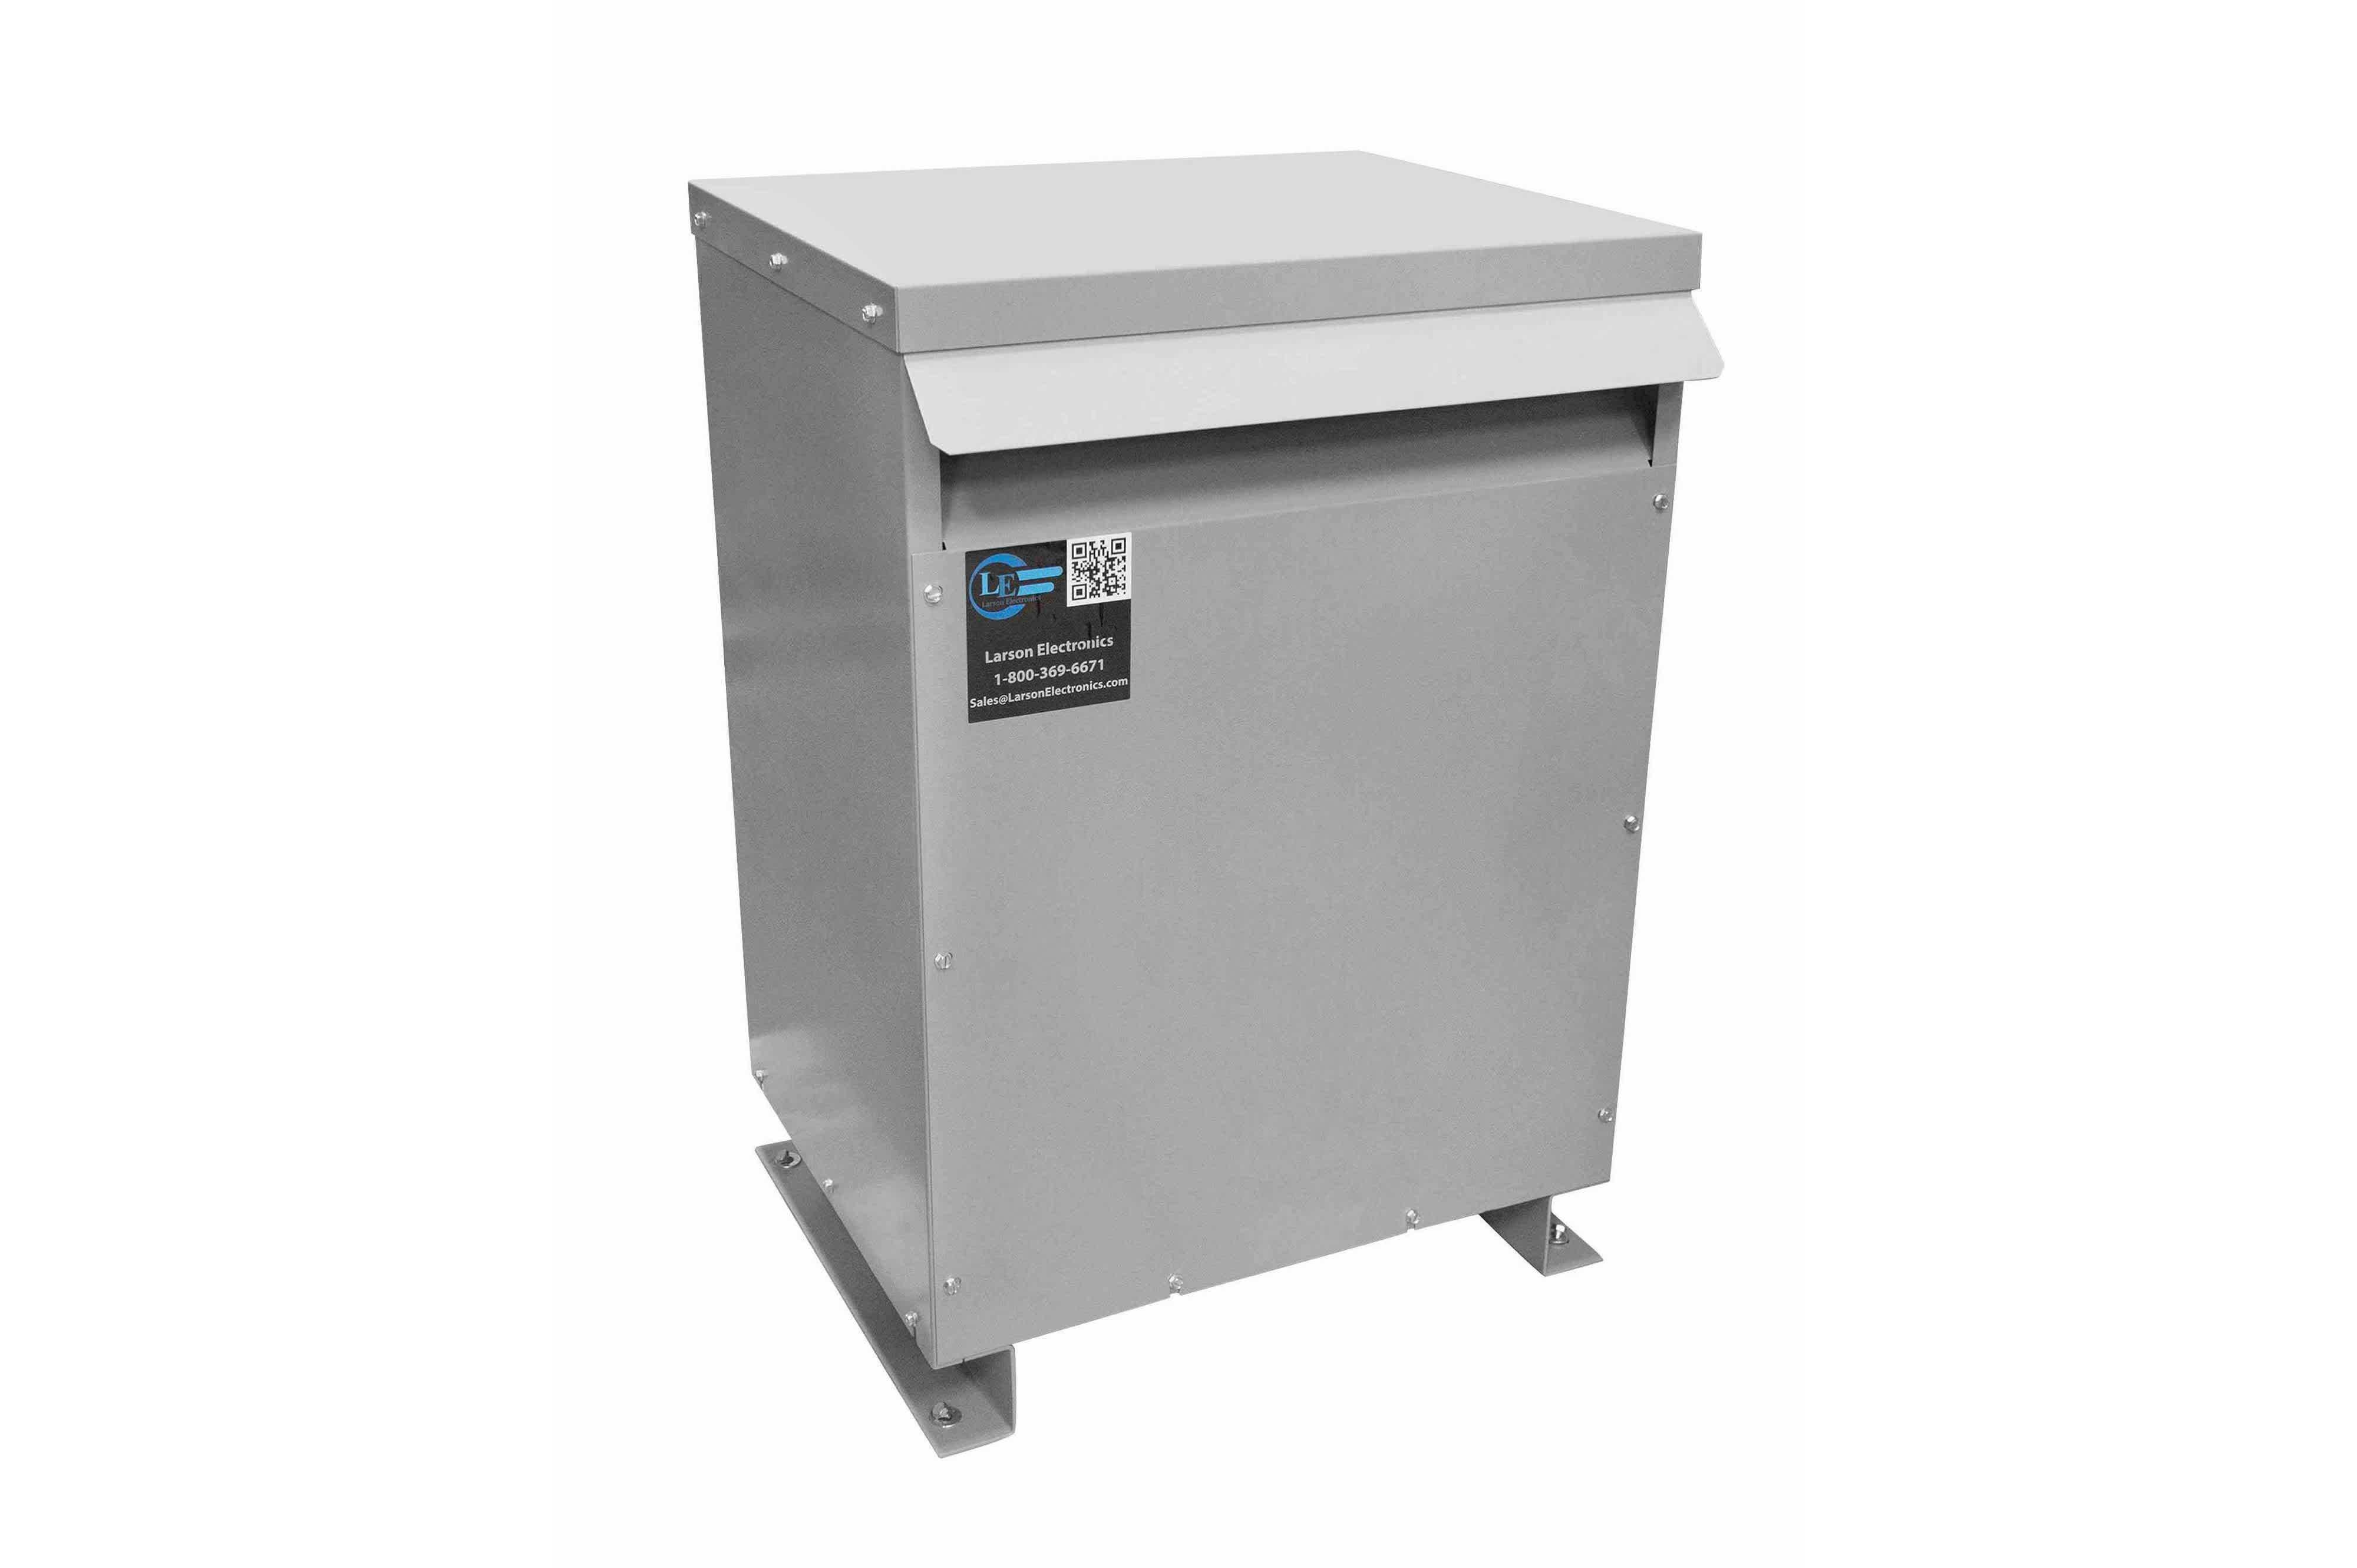 225 kVA 3PH DOE Transformer, 208V Delta Primary, 240V/120 Delta Secondary, N3R, Ventilated, 60 Hz